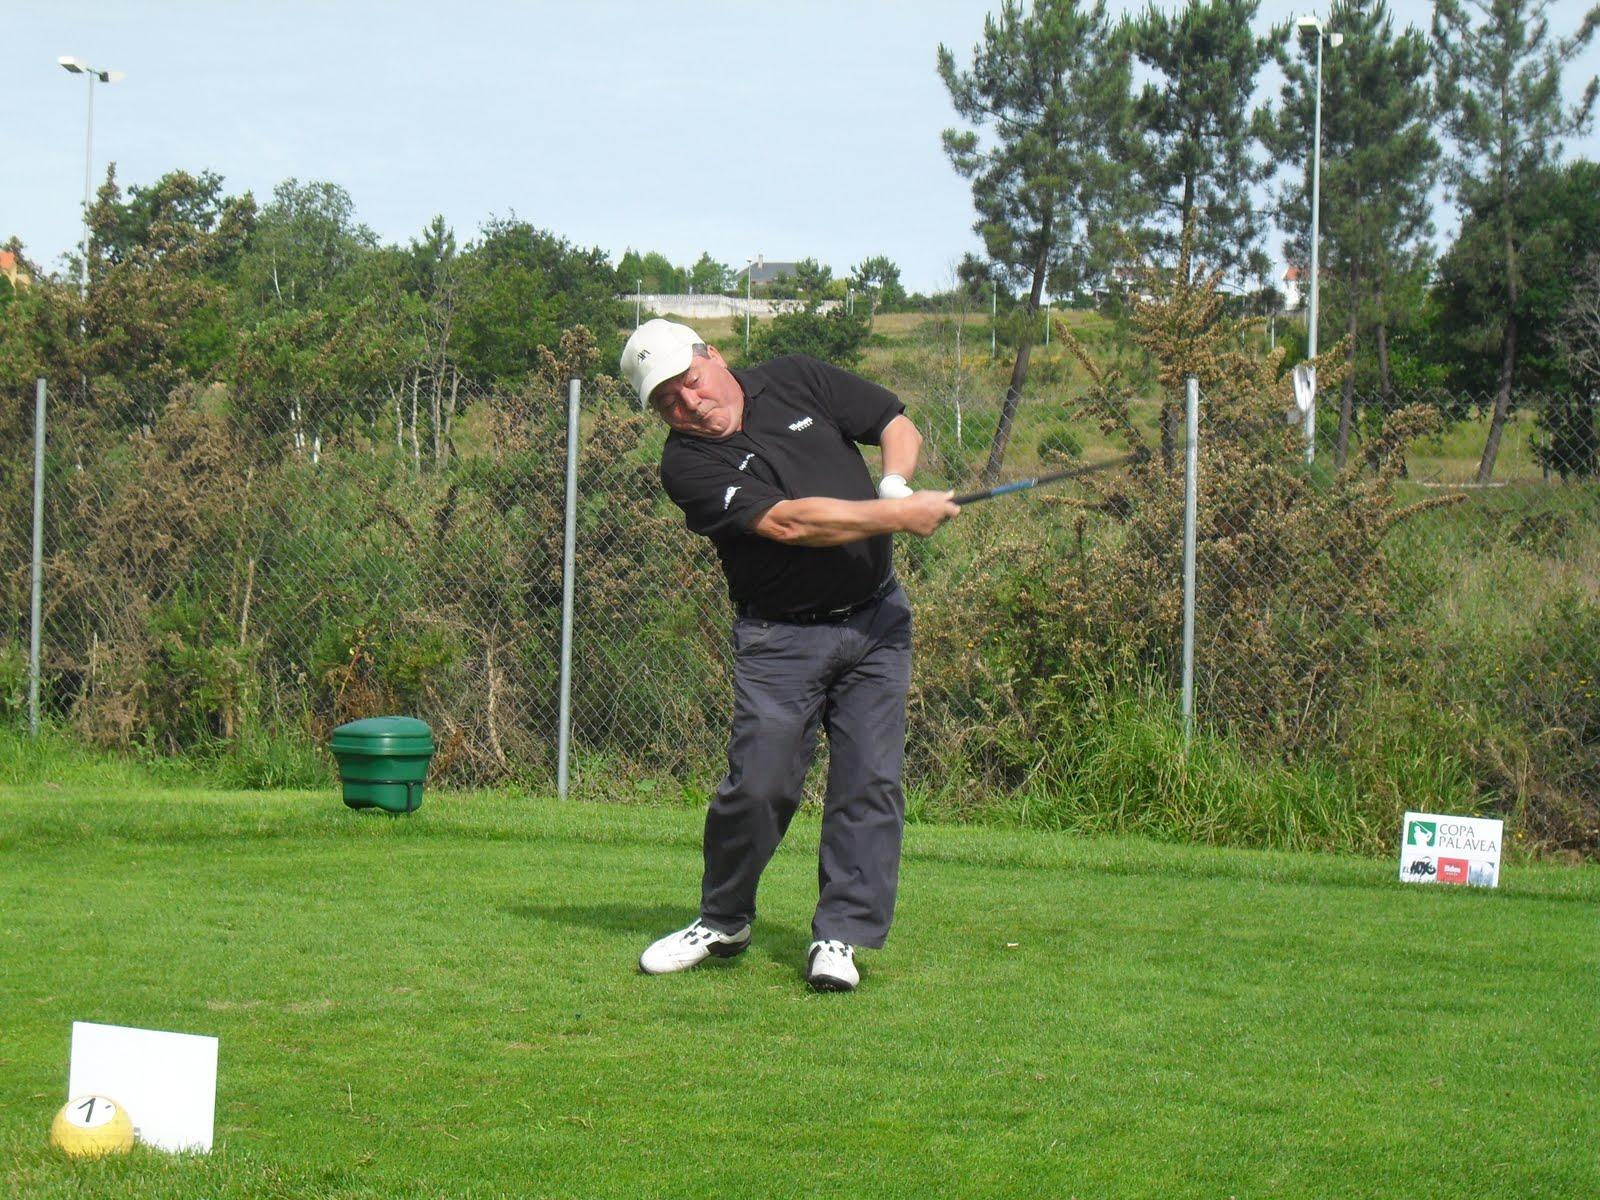 Circuito Galicia Halcon Viajes : Palavea golf josé carlos varela en el circuito halcón viajes